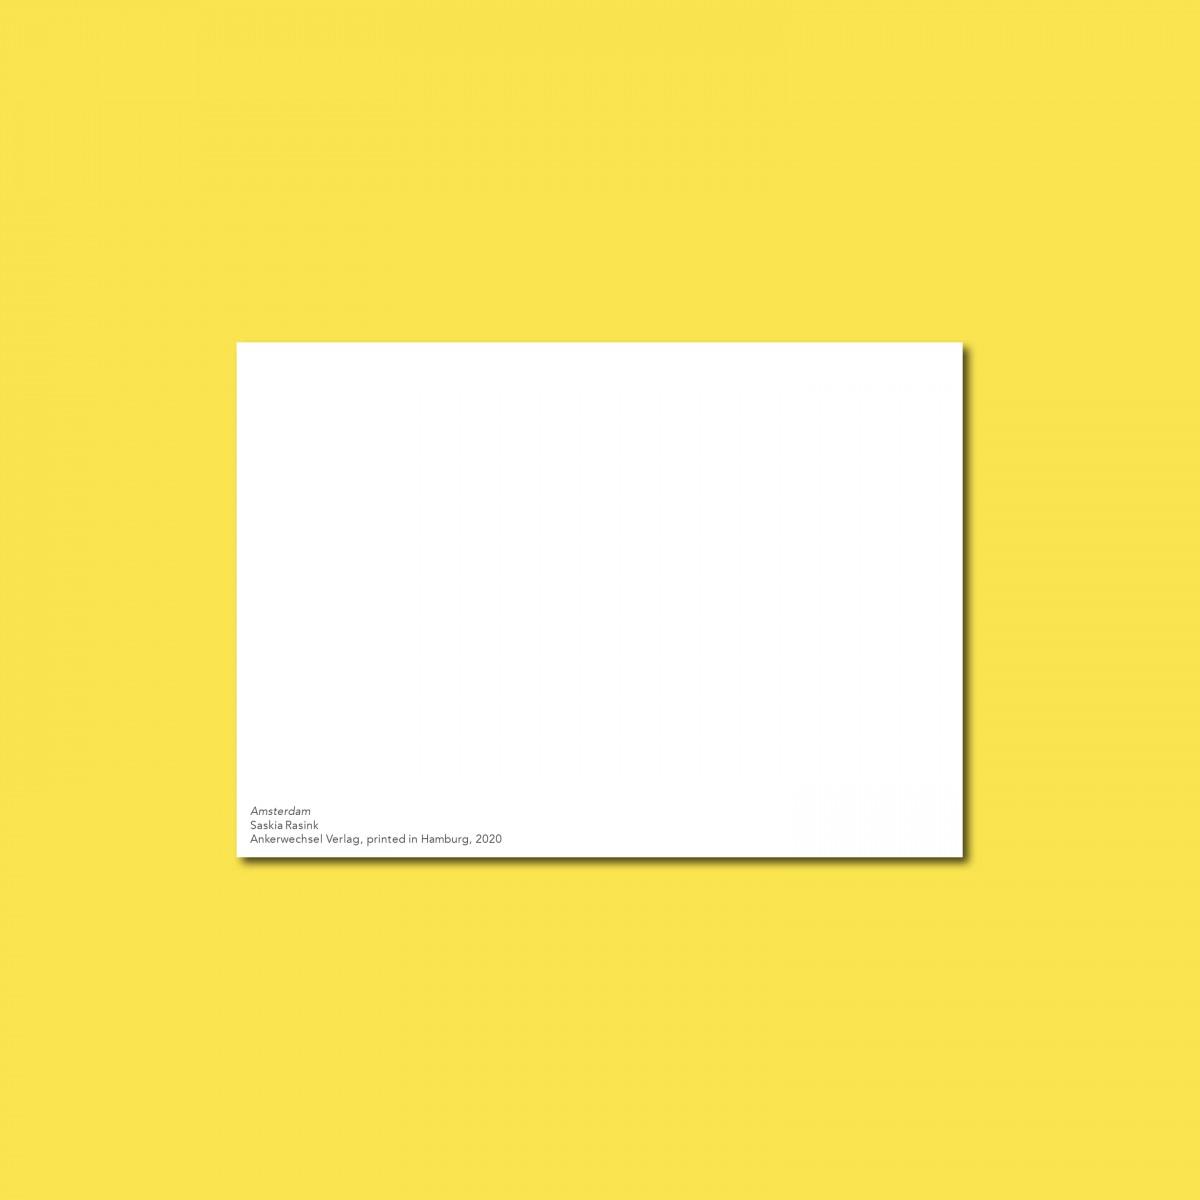 'Amsterdam' Postkarte, illustriert von Saskia Rasink, DIN A6, klimaneutral gedruckt / Ankerwechsel Verlag